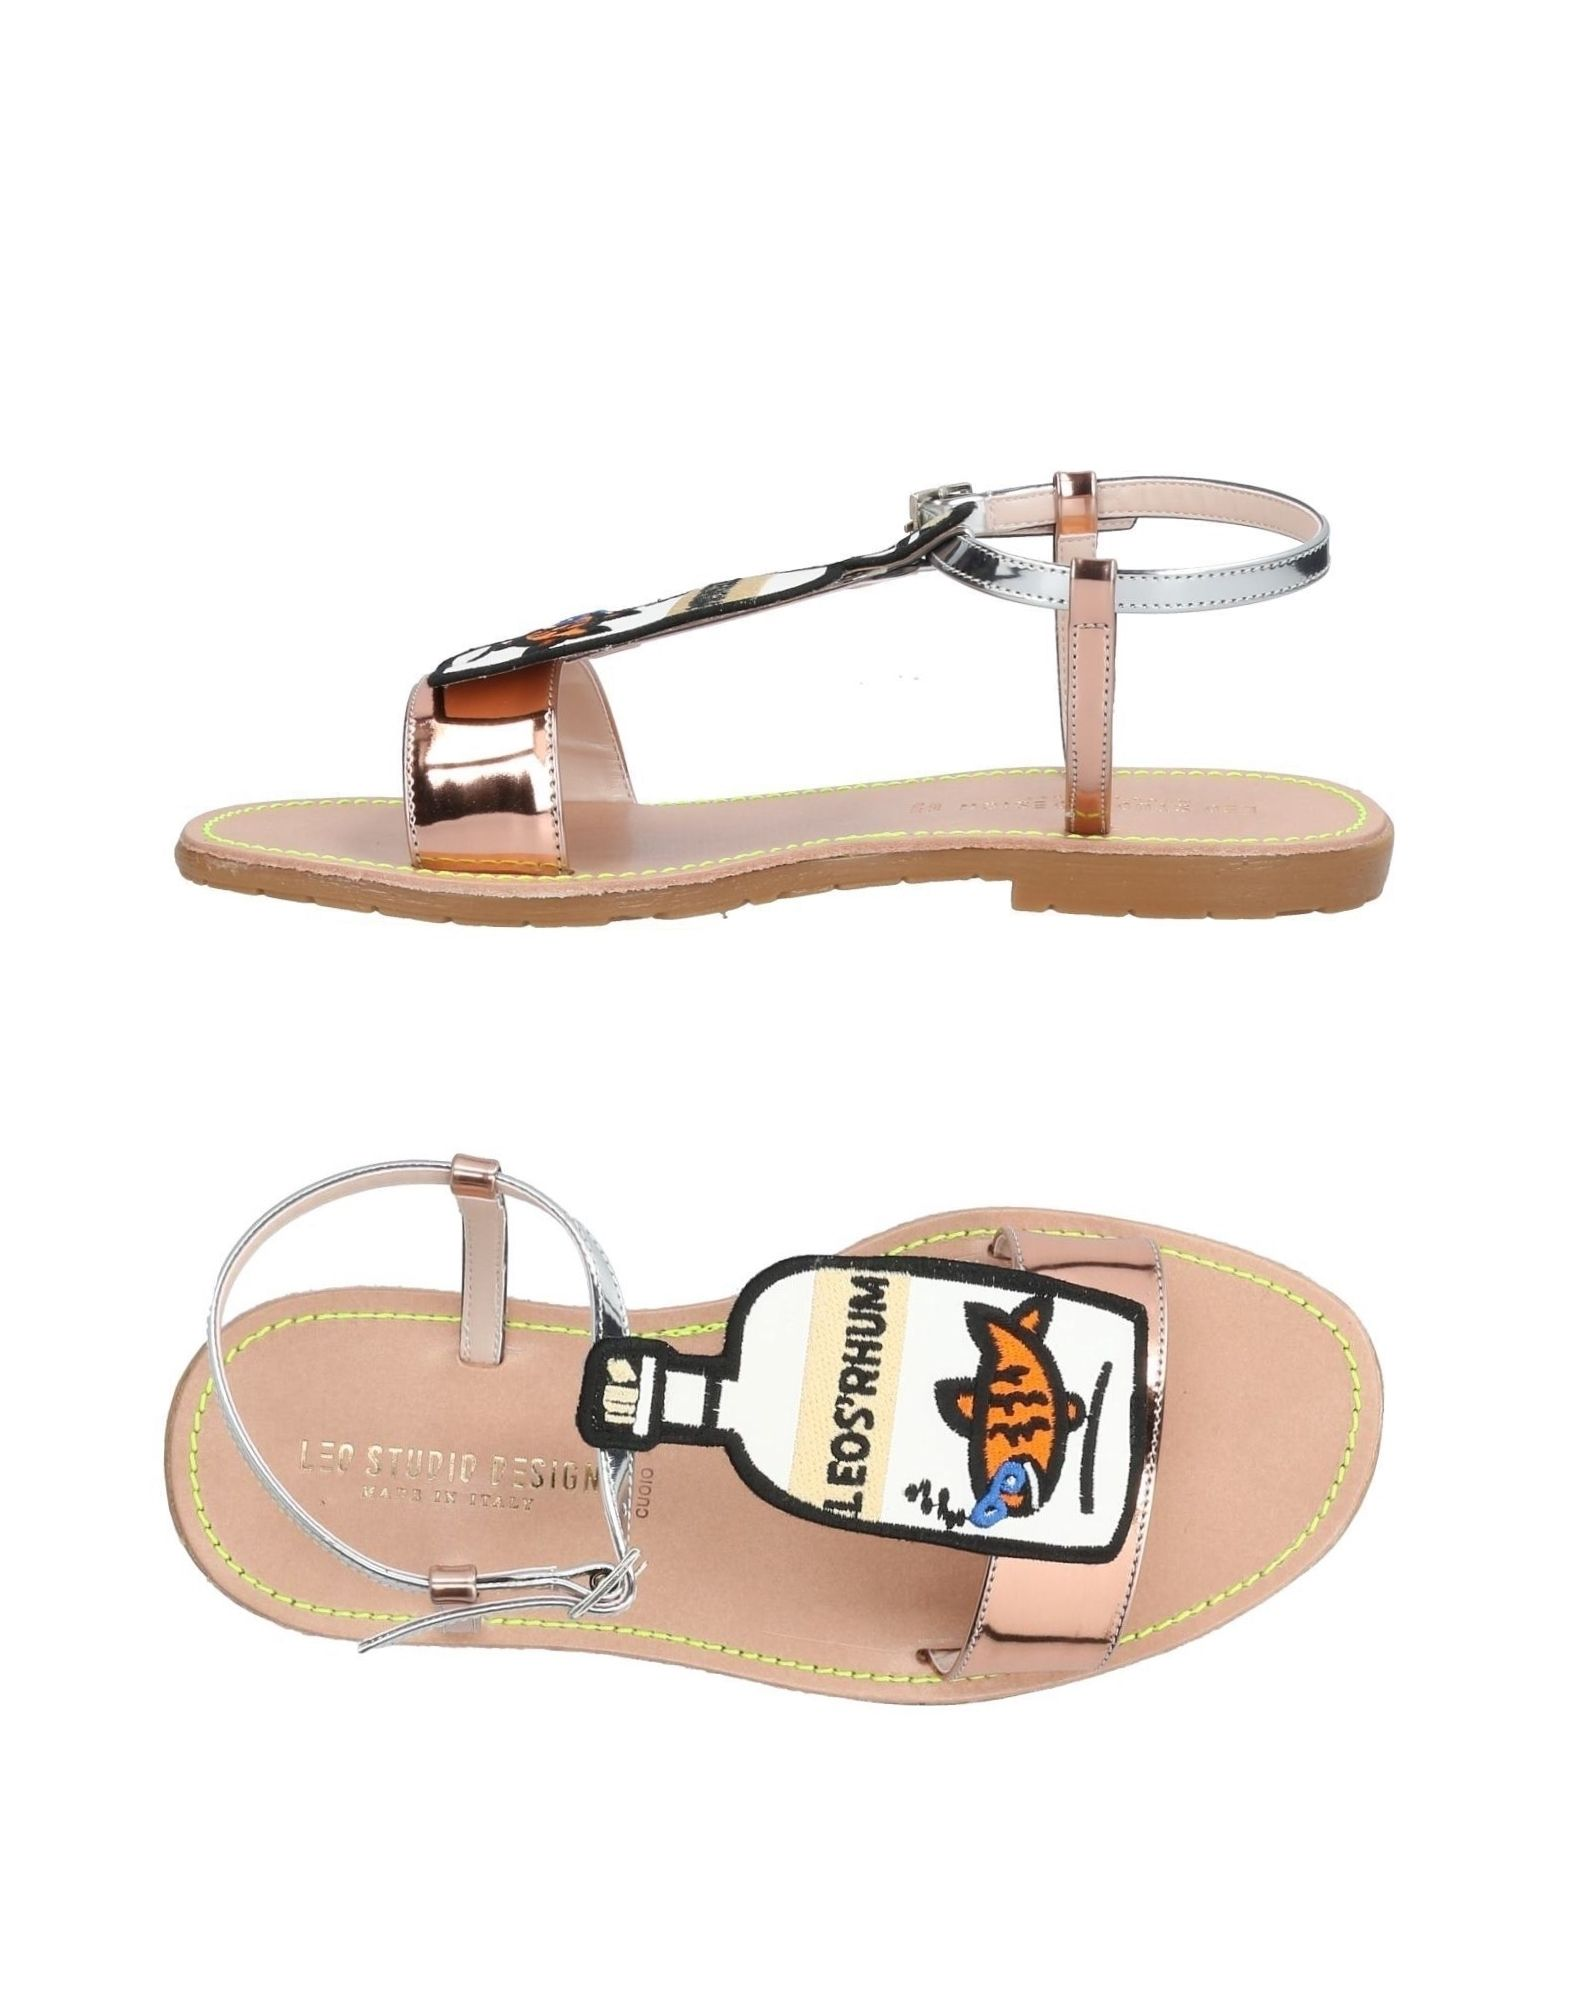 Leo Studio Design Sandalen Damen  11442747PR Gute Qualität beliebte Schuhe